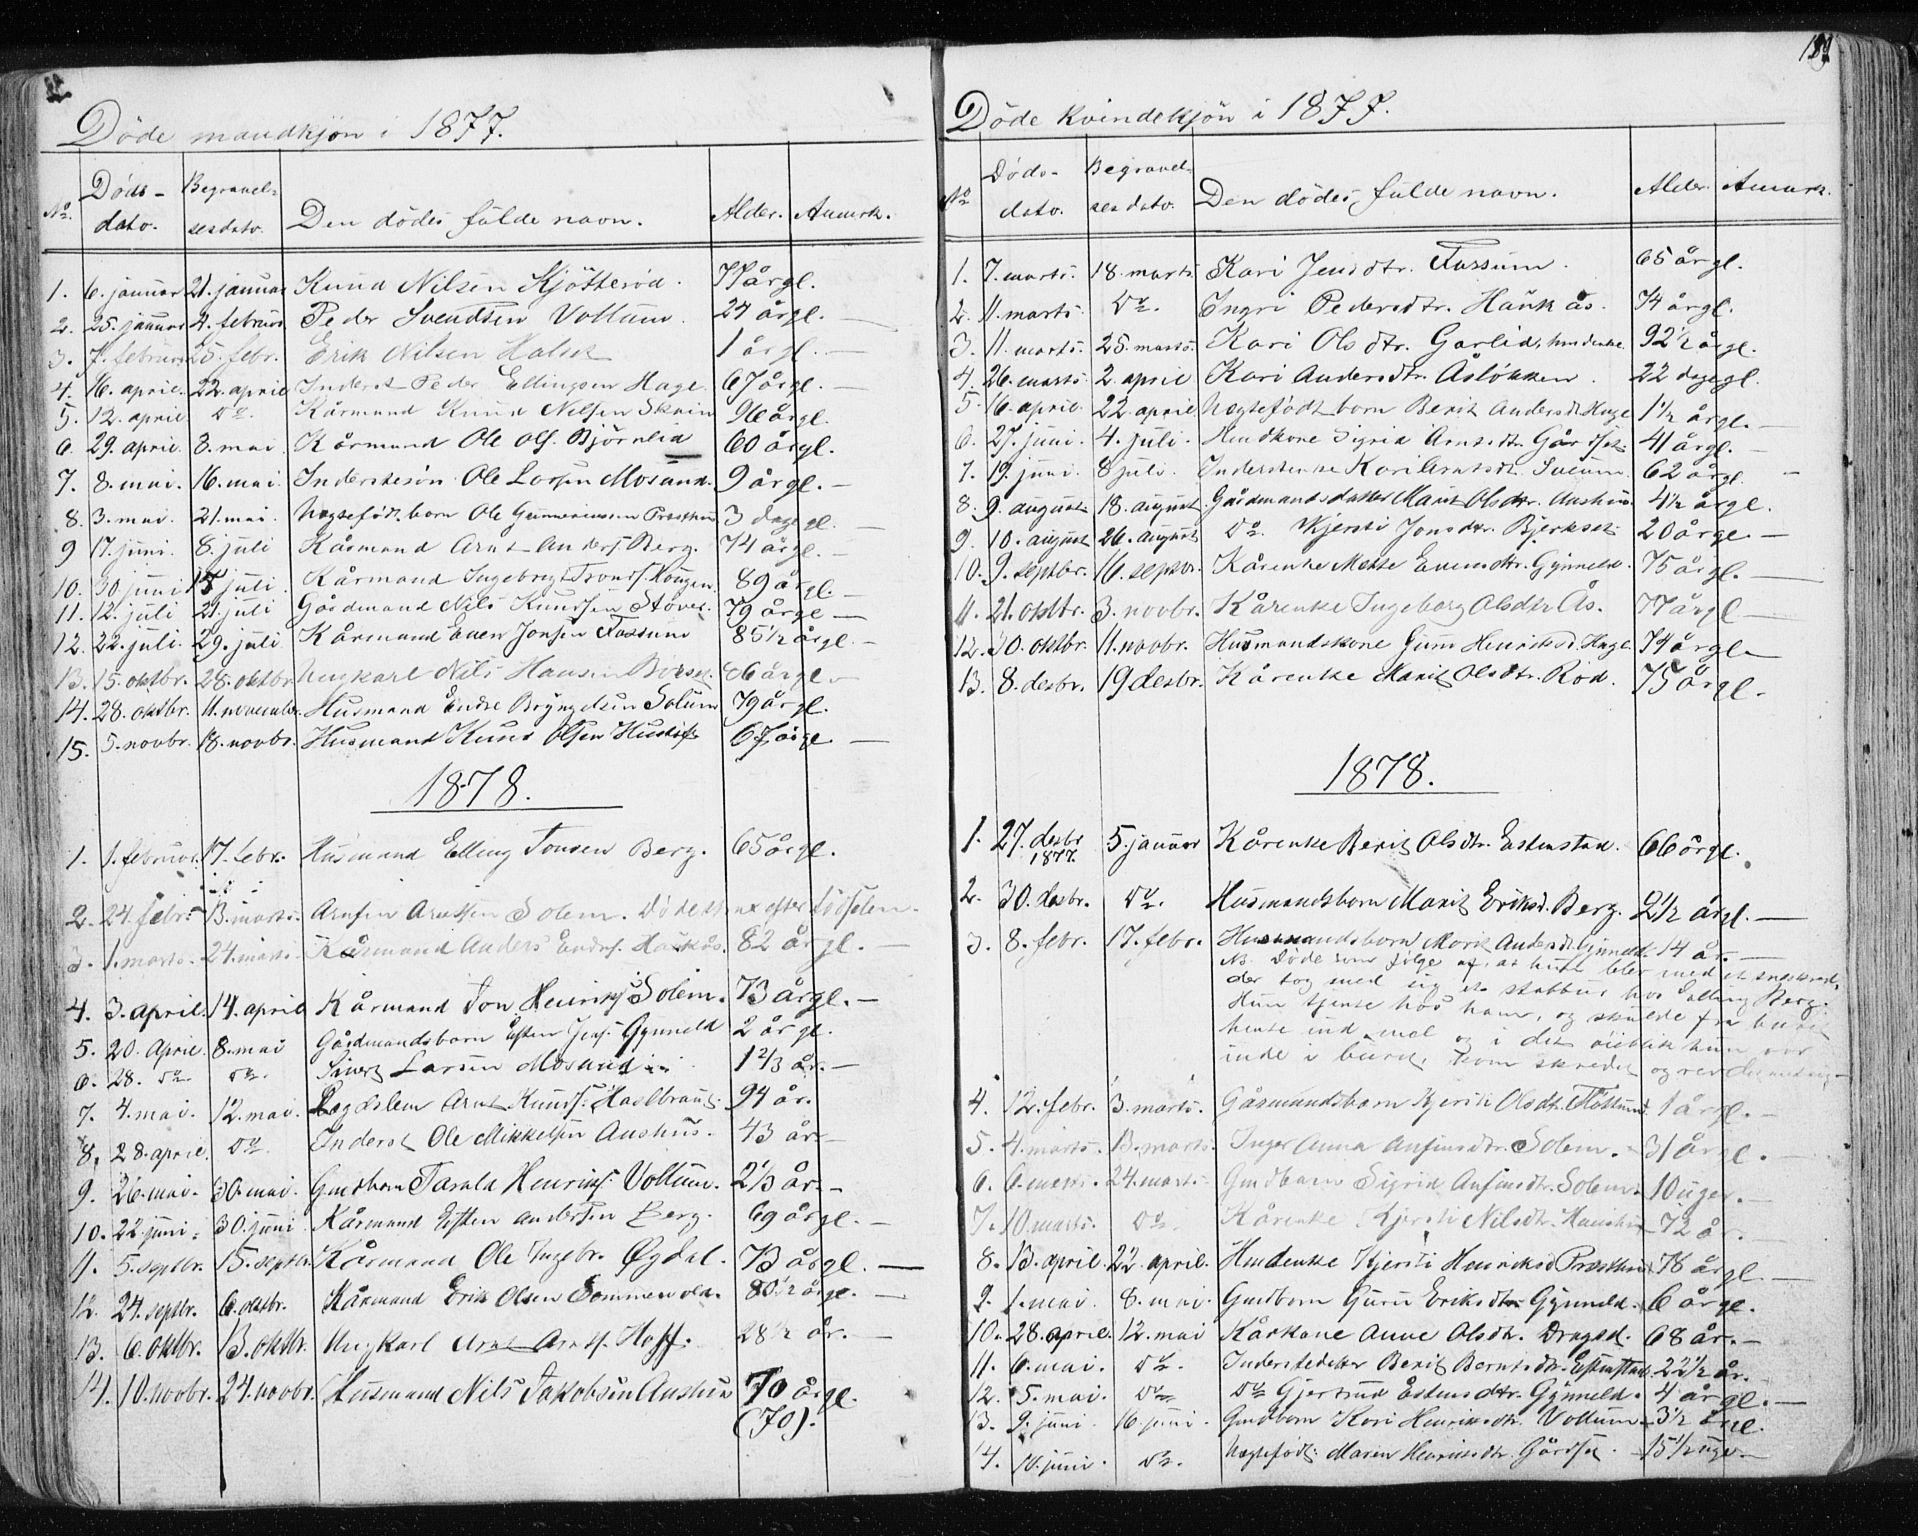 SAT, Ministerialprotokoller, klokkerbøker og fødselsregistre - Sør-Trøndelag, 689/L1043: Klokkerbok nr. 689C02, 1816-1892, s. 189